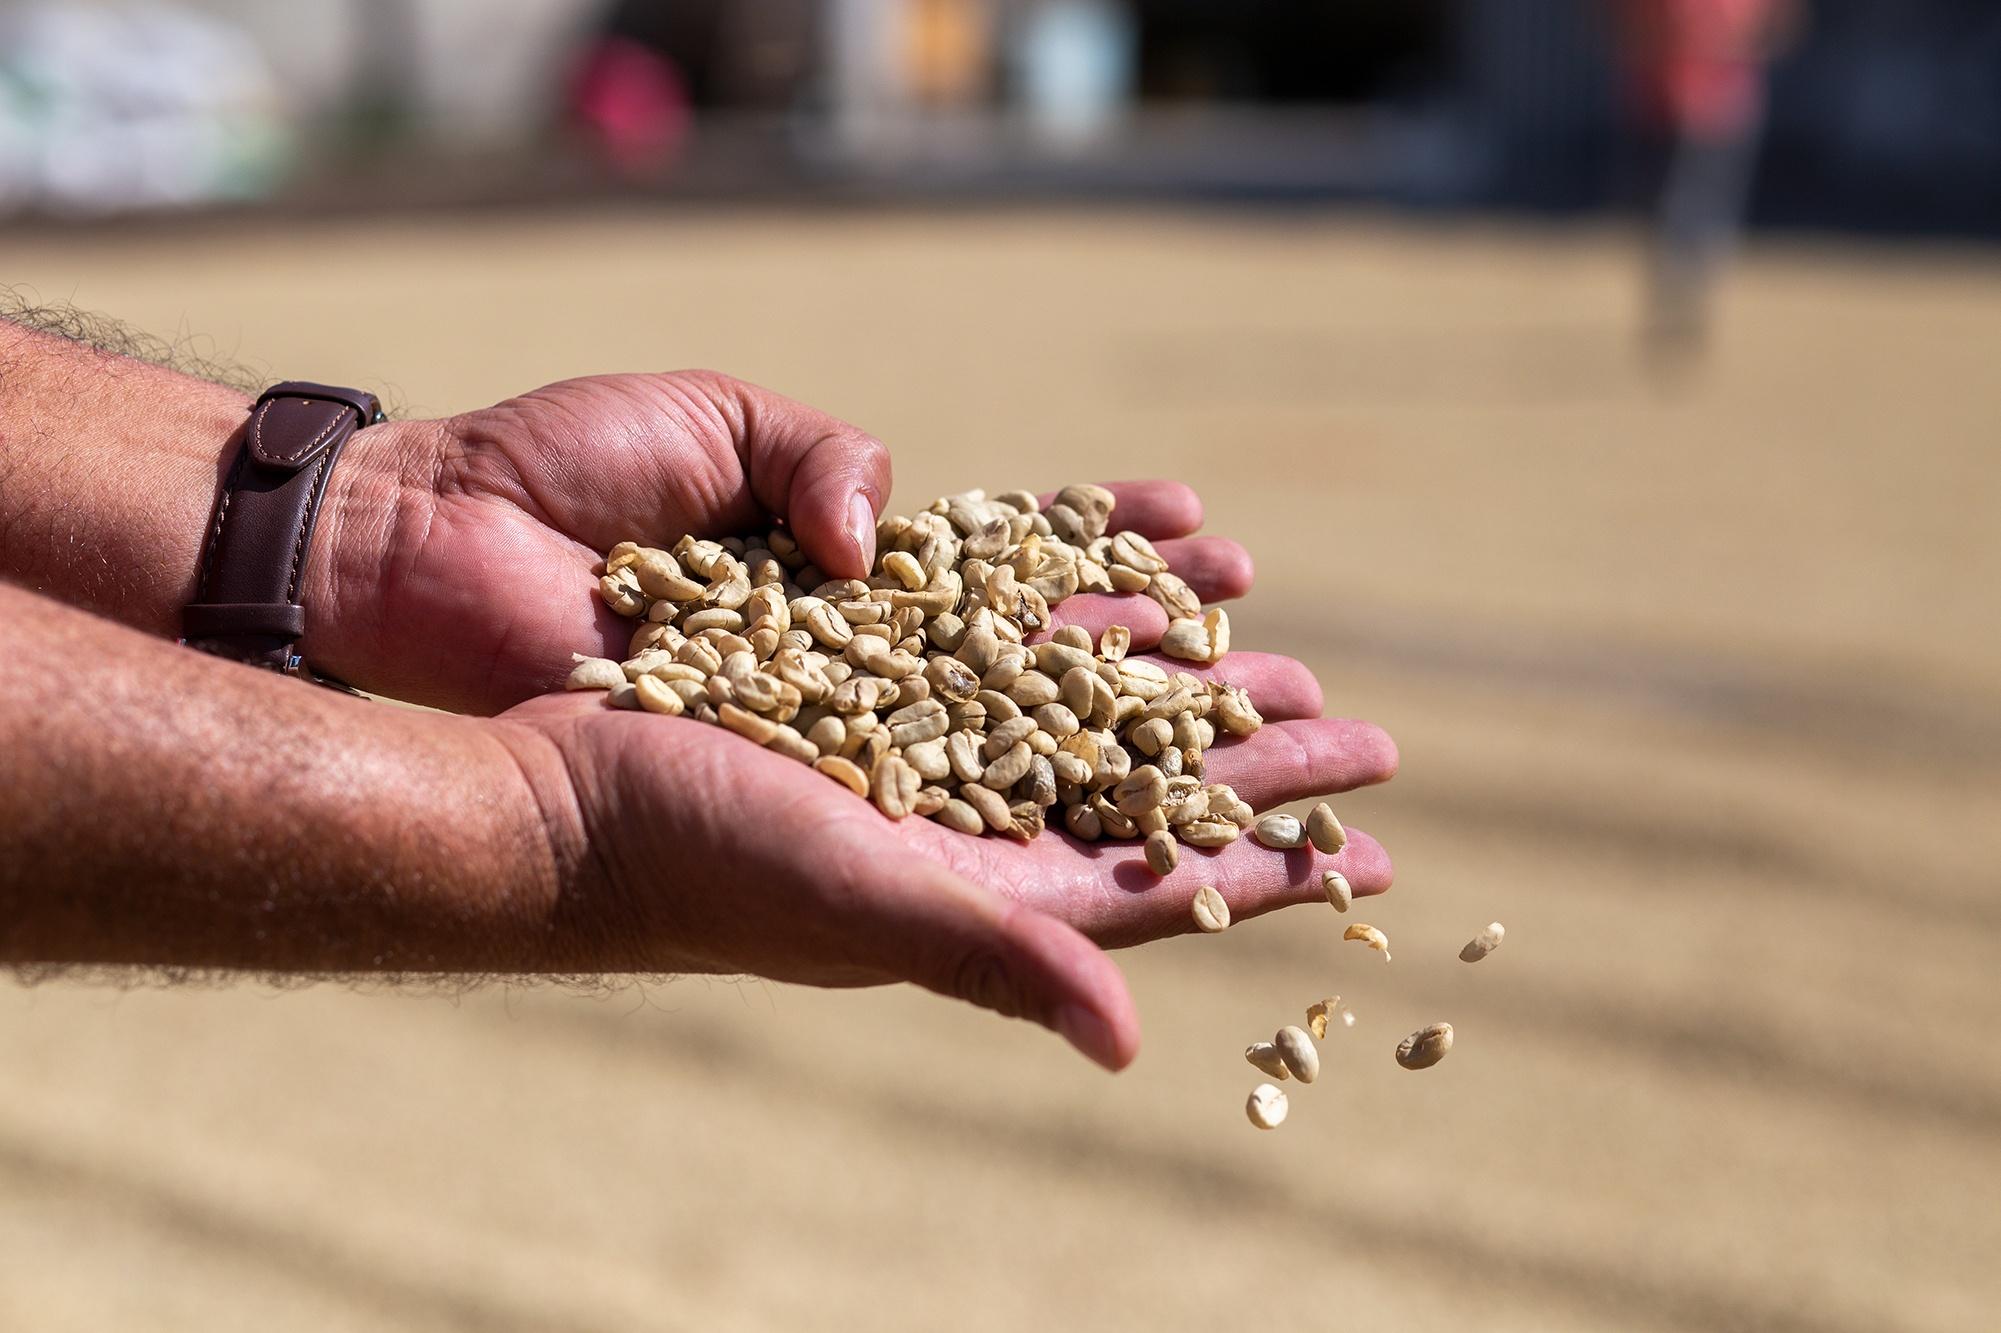 Un hombre muestra el grano de café durante el proceso de secado, donde el grano es removido constantemente hasta alcanzar el color dorado tradicional. Corquín, Copán, 25 de febrero de 2021. Foto: Martín Cálix.